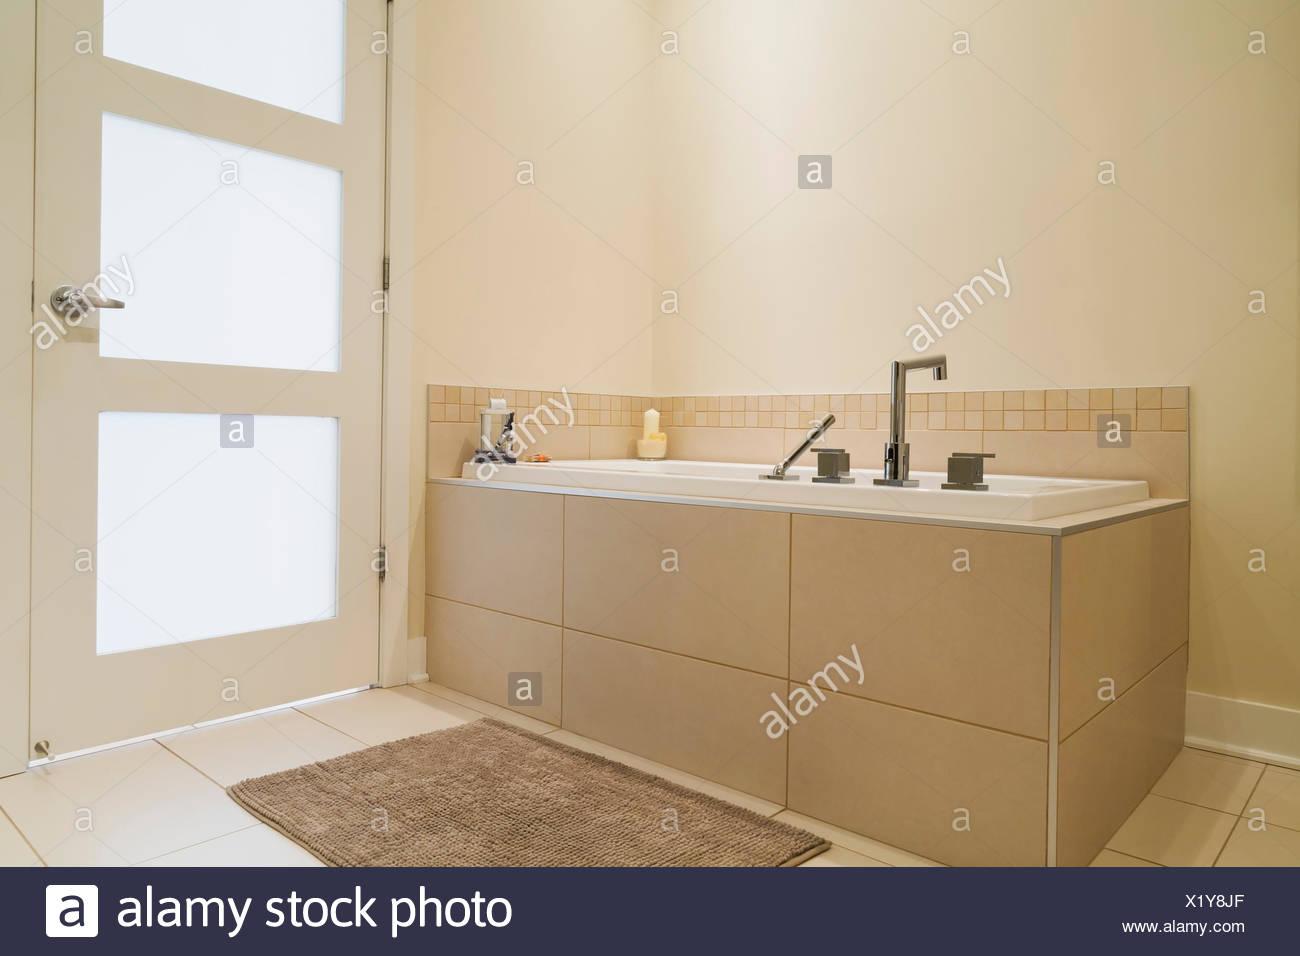 Soaking Tub Encased In A Ceramic Tile Base In Bathroom Of Renovated